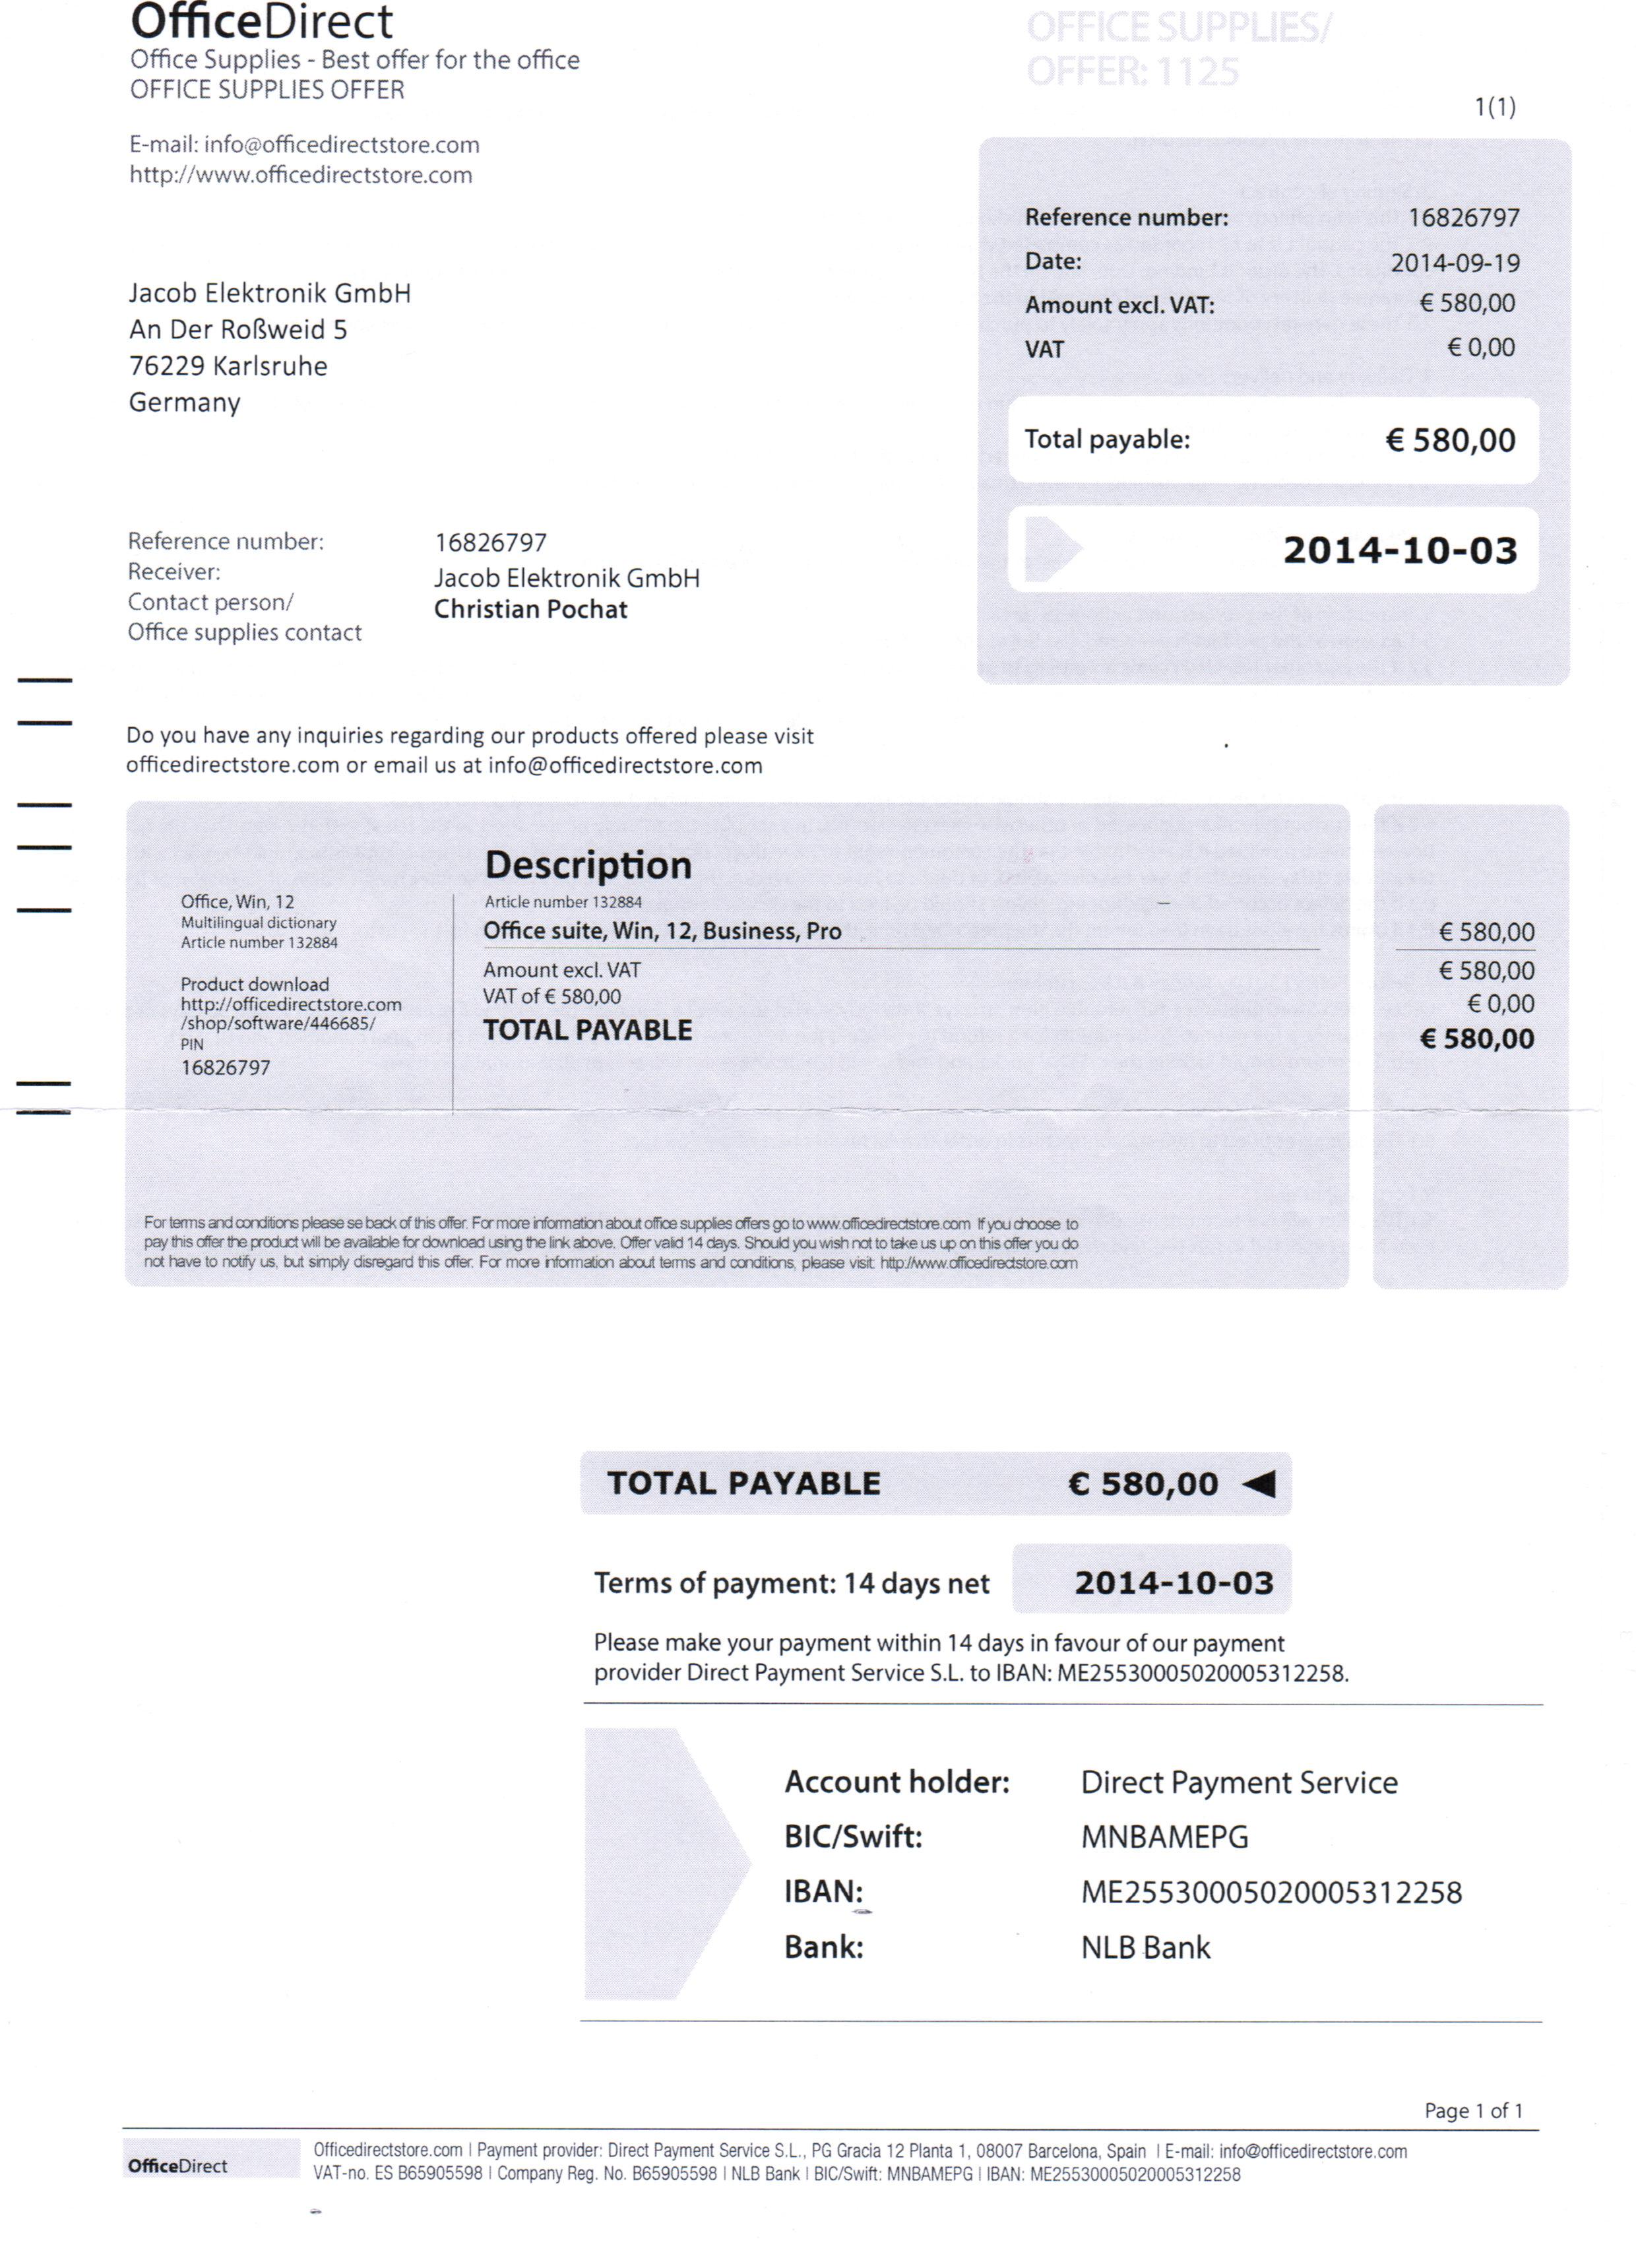 Vorlage Einnahmen-Überschuss-Rechnung 2014 für Mac und iPad Reisen ... buono sconto bwin 2016 | buonosconto.it